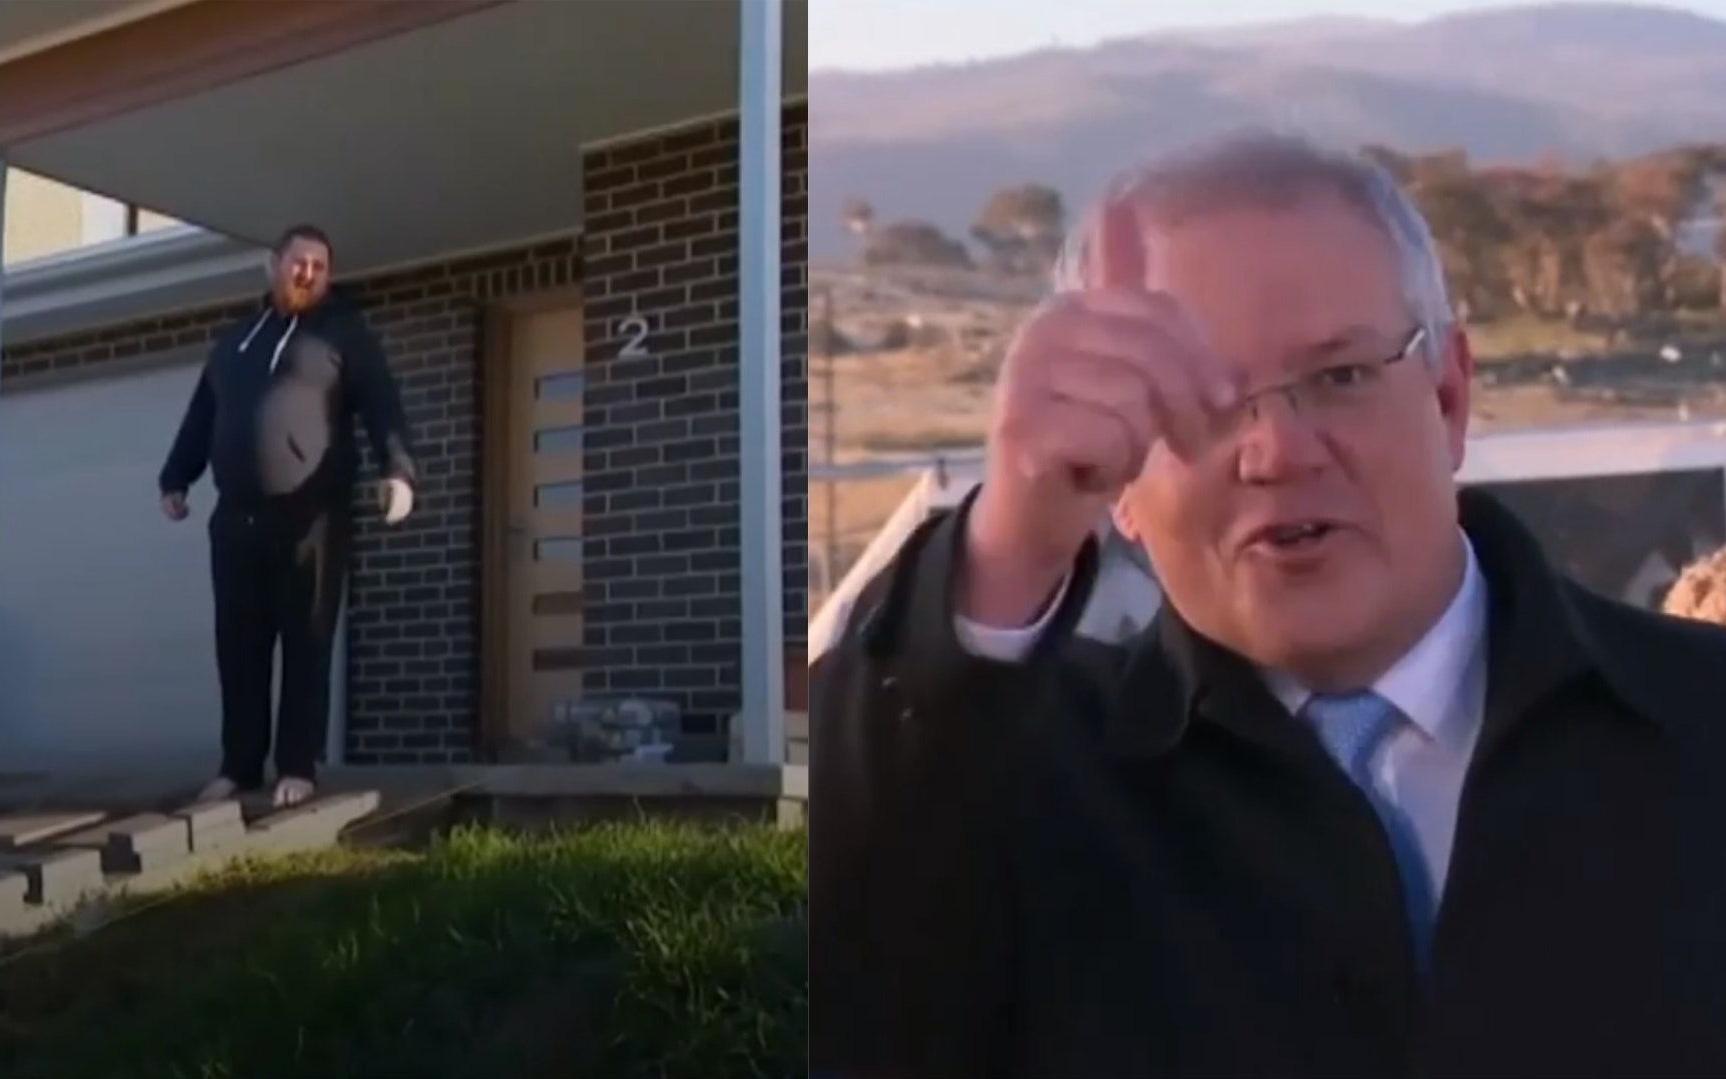 Dẫm lên bãi cỏ mới trồng, Thủ tướng Úc bị người dân ''quát'' trên sóng truyền hình trực tiếp